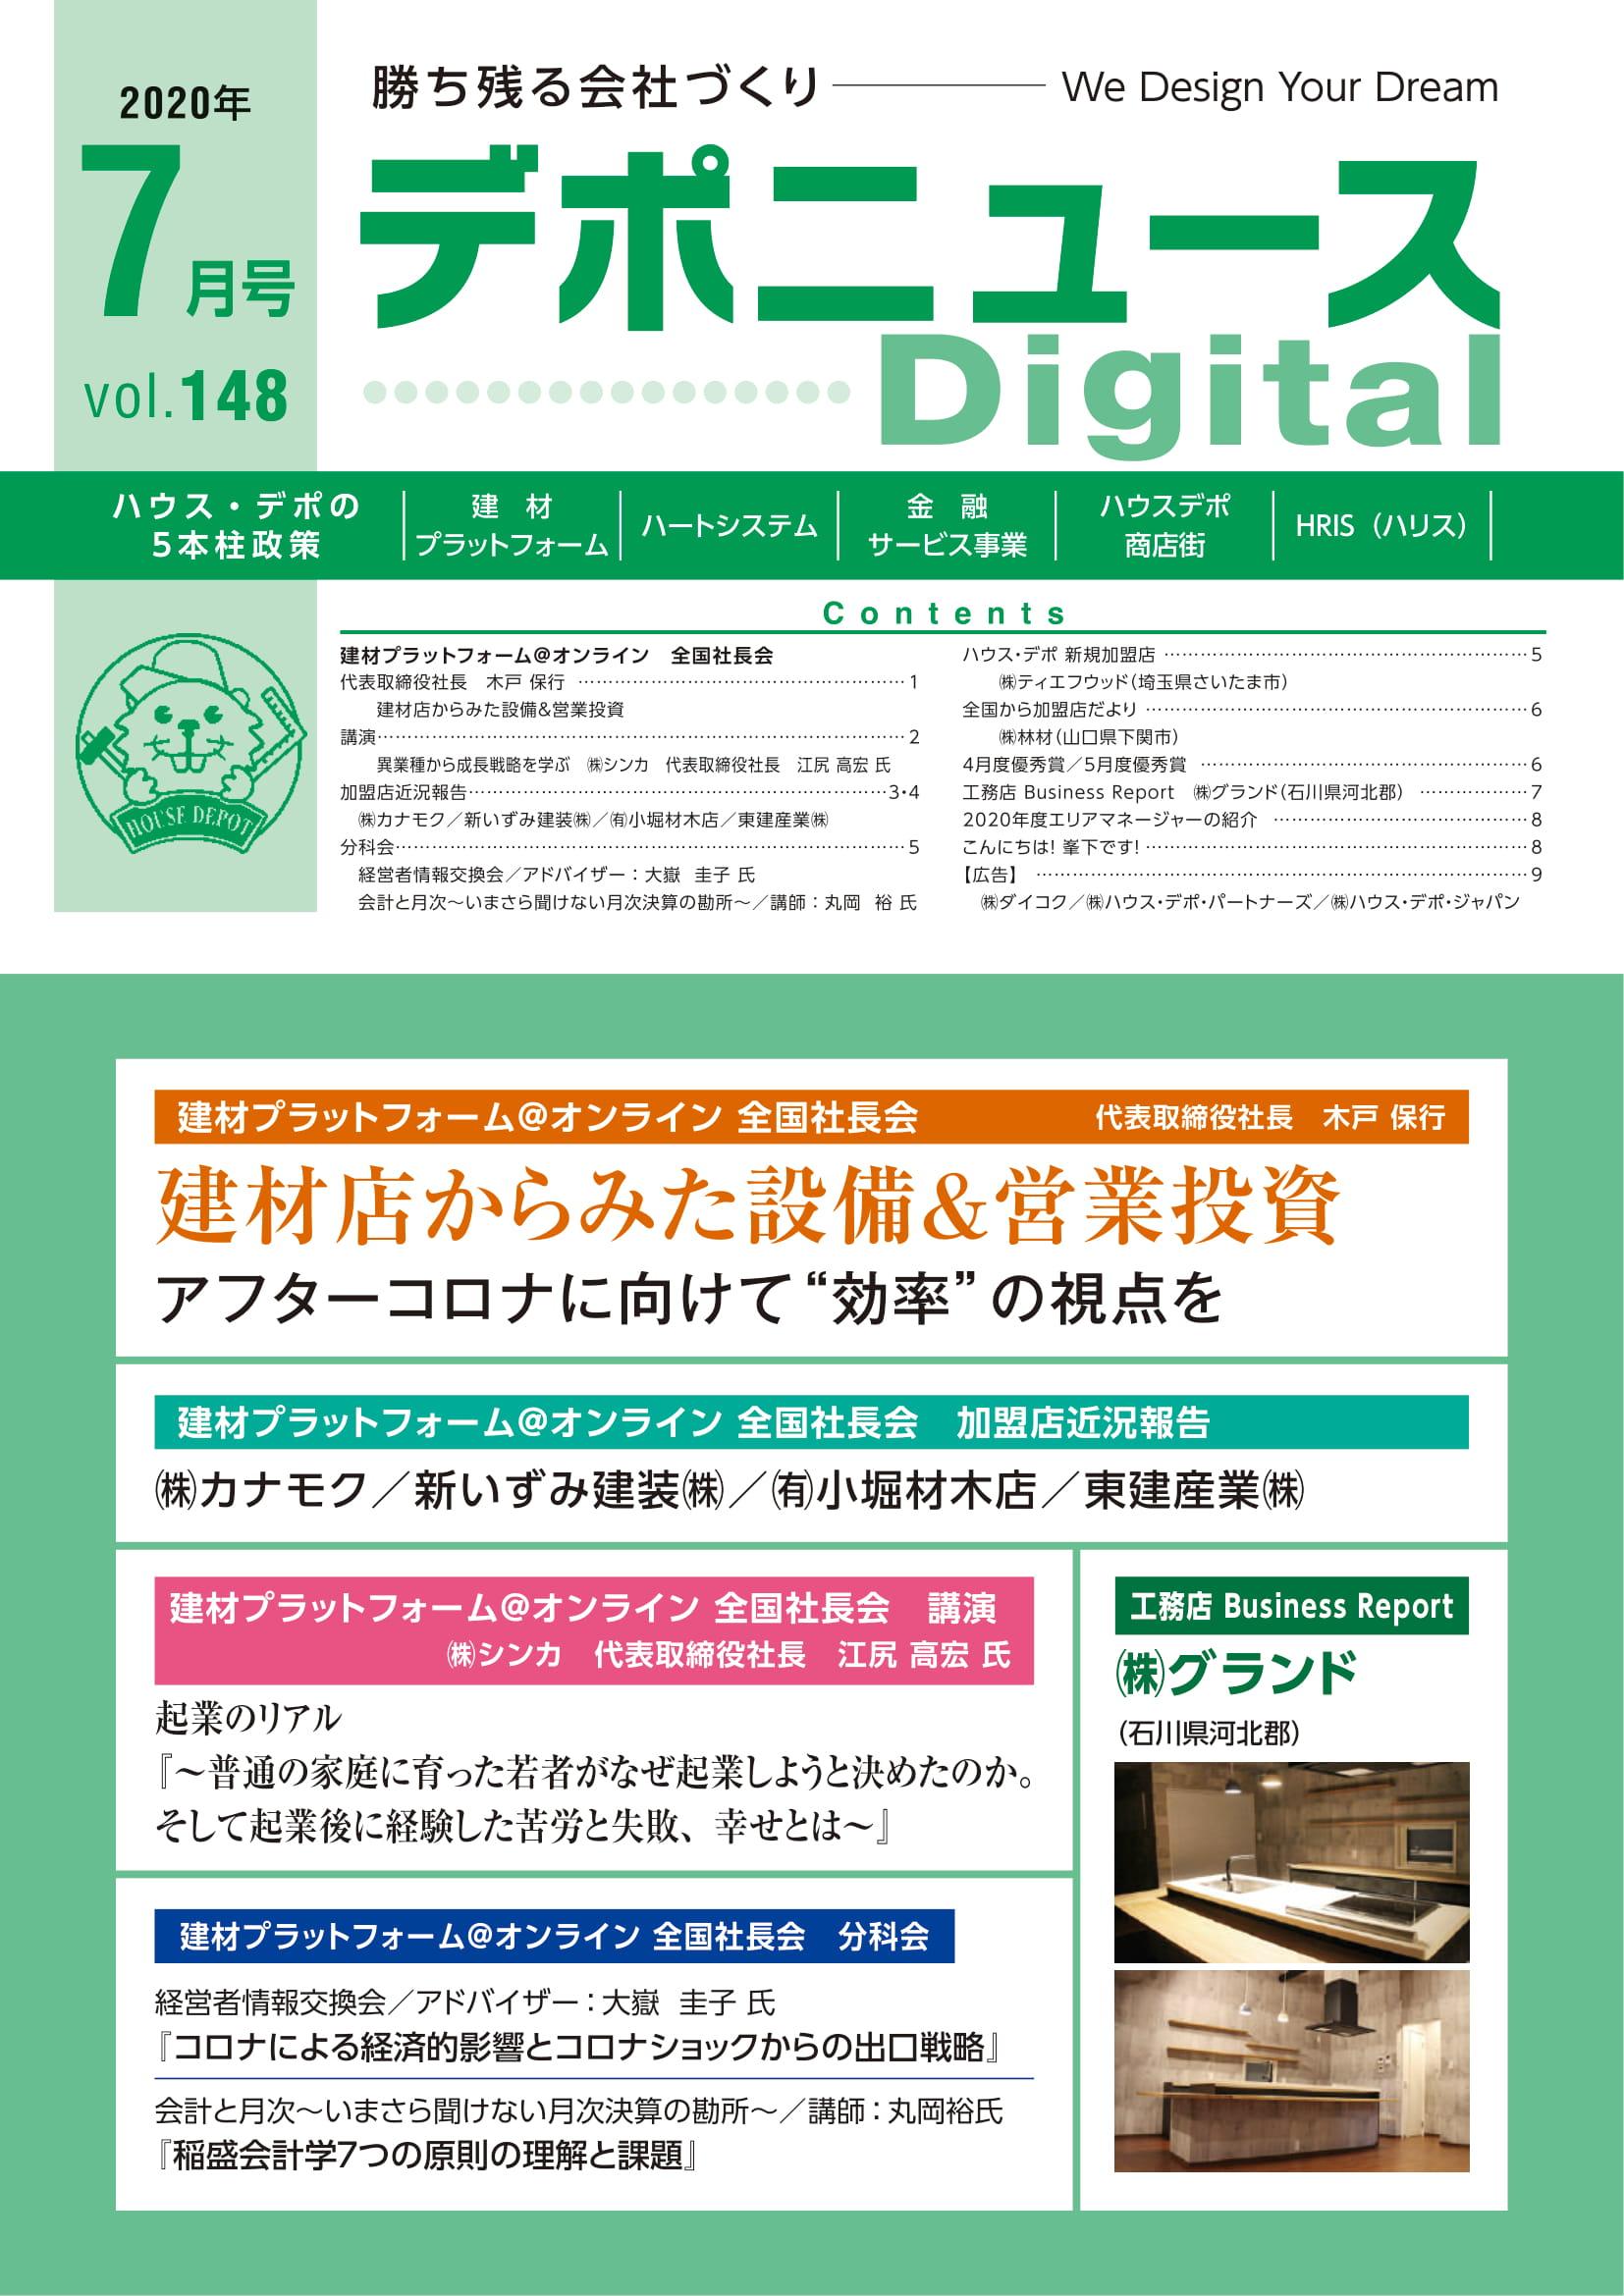 デポニュースDIGITAL Vol.148